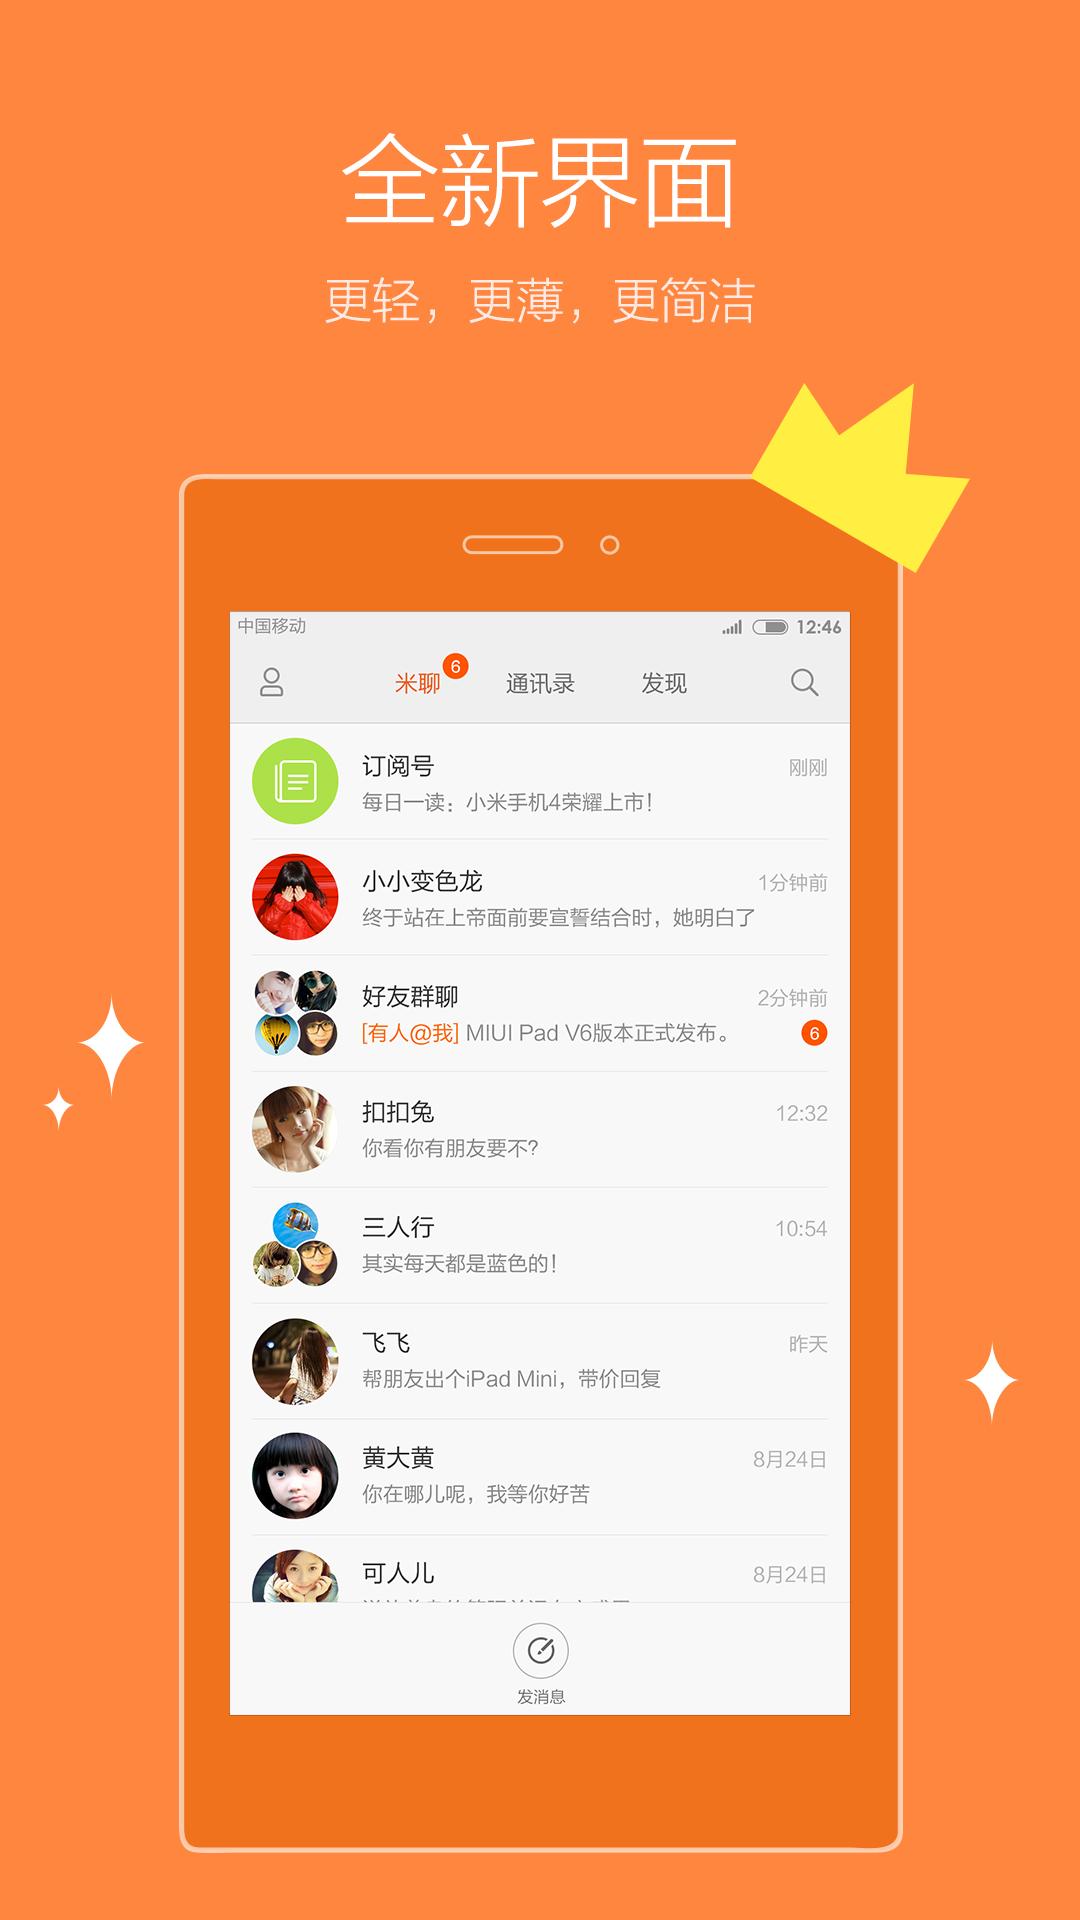 米聊V7.6.06 最新版